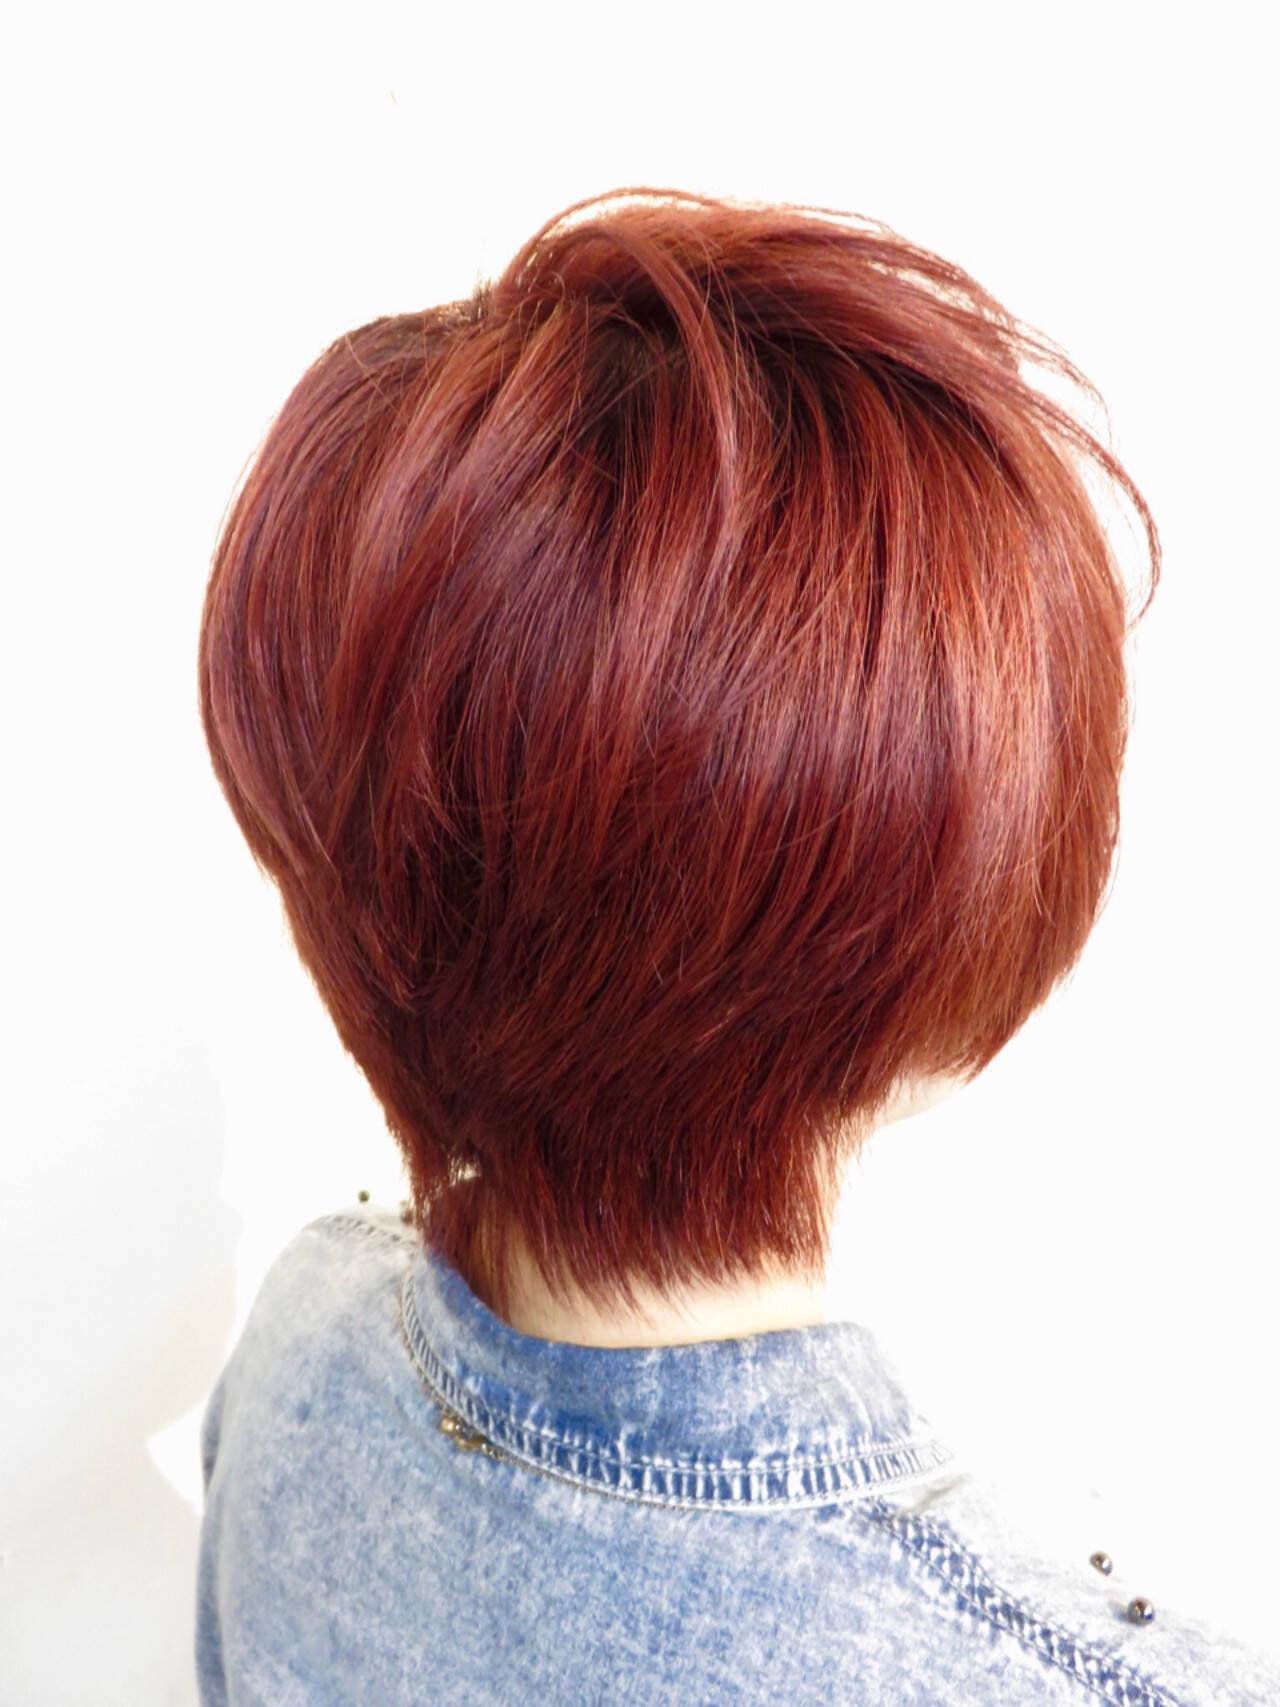 ストリート レッド ショートボブ ブリーチヘアスタイルや髪型の写真・画像